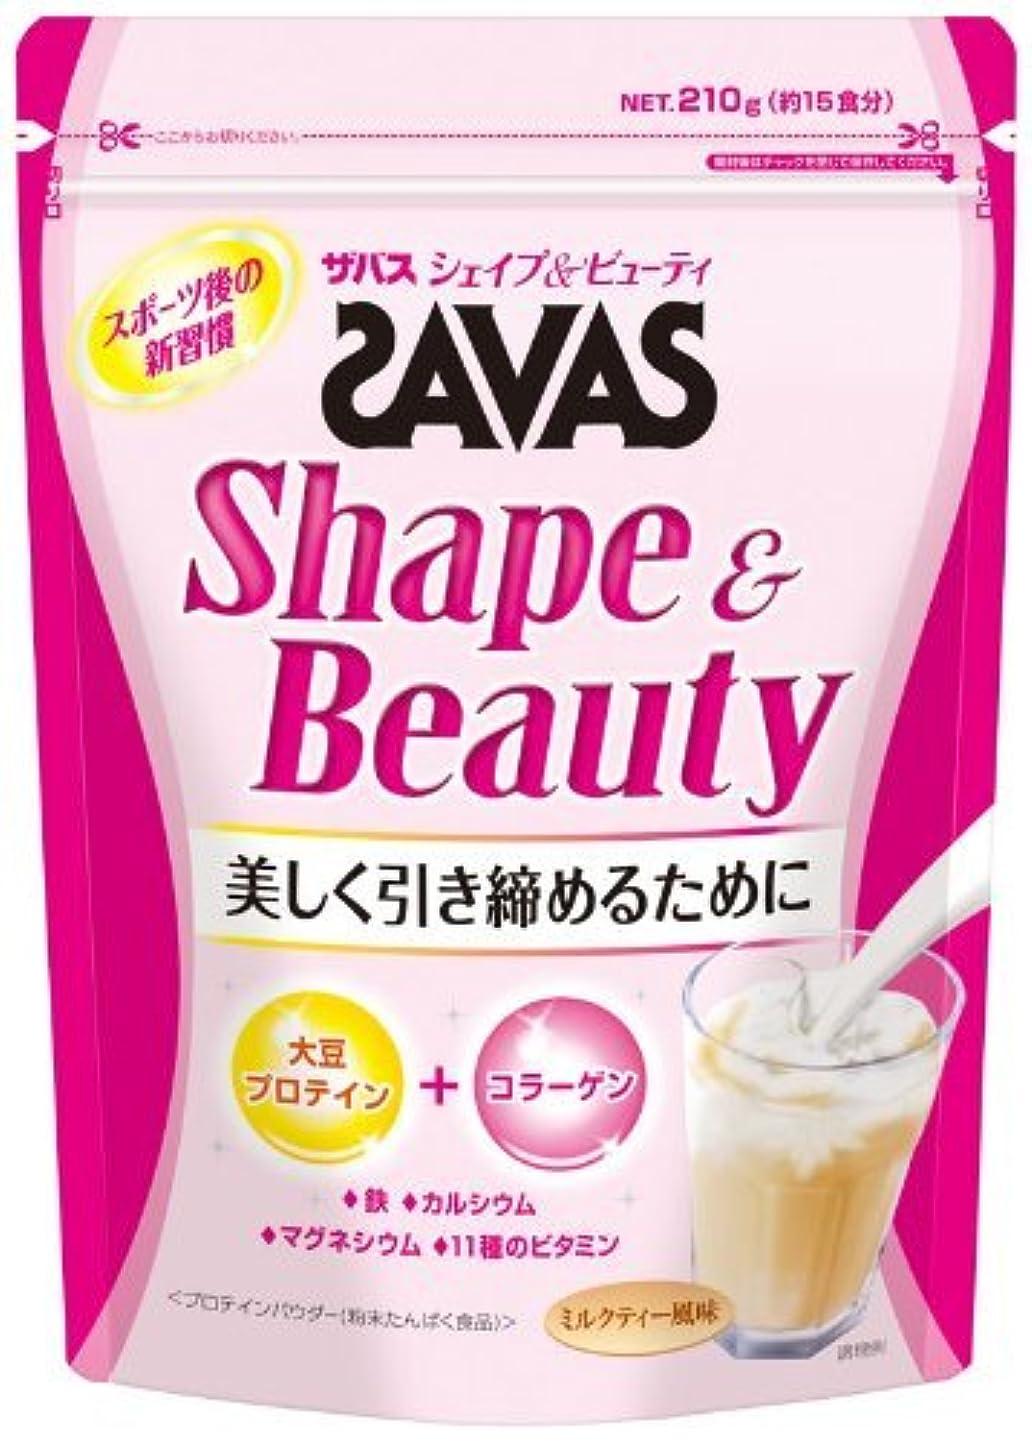 賭けセンチメートル芝生明治 ザバス シェイプ&ビューティ ミルクティー風味【15食分】 210g